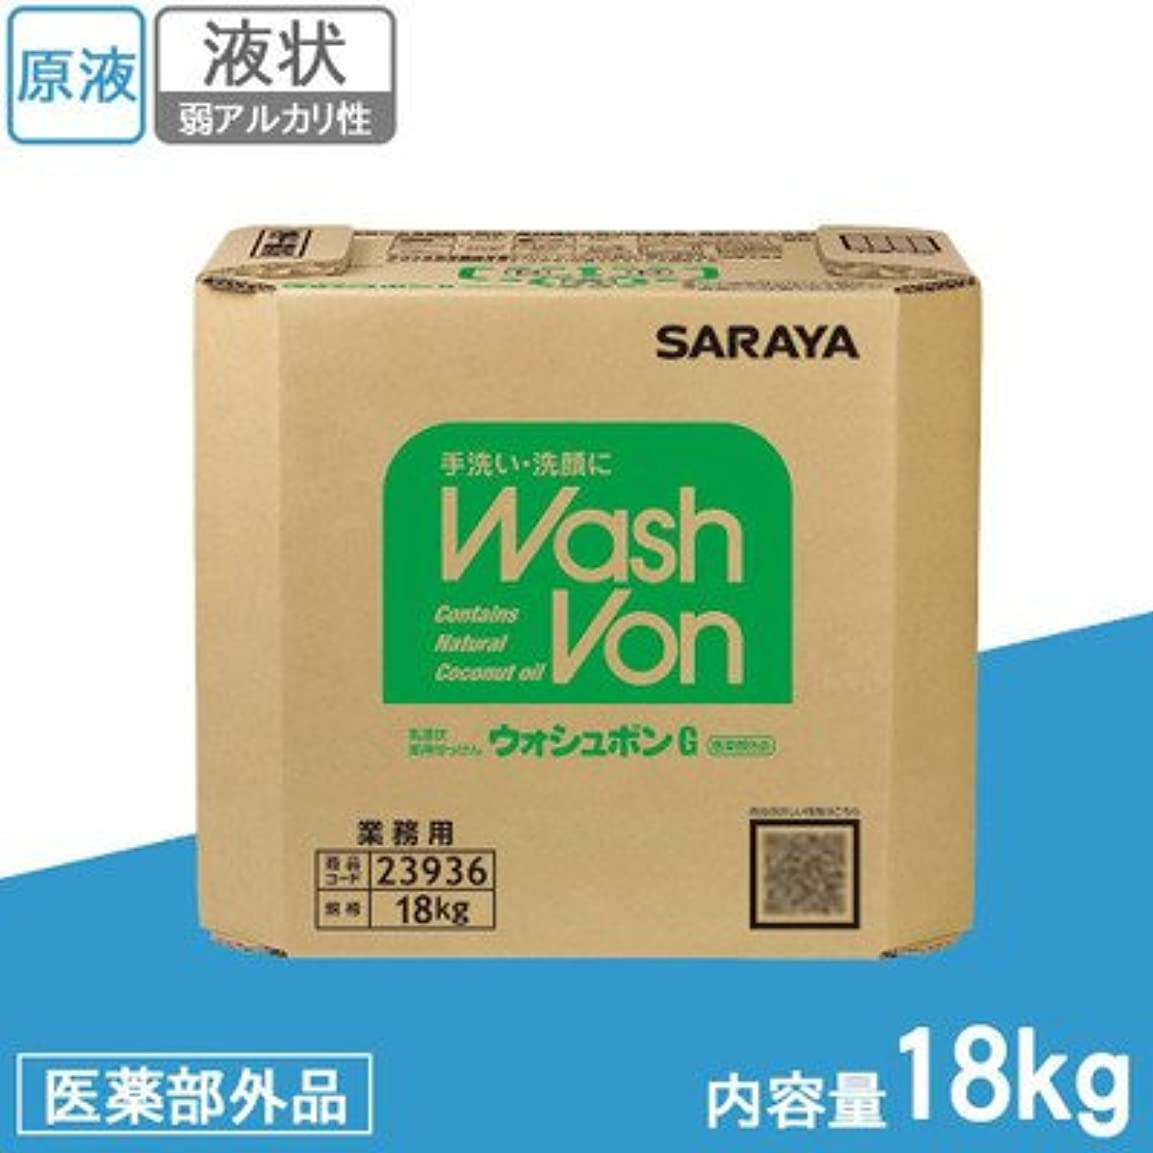 統計的プールチキンフローラルノートの香りのクリーミィーな白色のせっけん液 サラヤ 業務用 乳液状薬用せっけん ウォシュボンG 18kg BIB 23936 医薬部外品